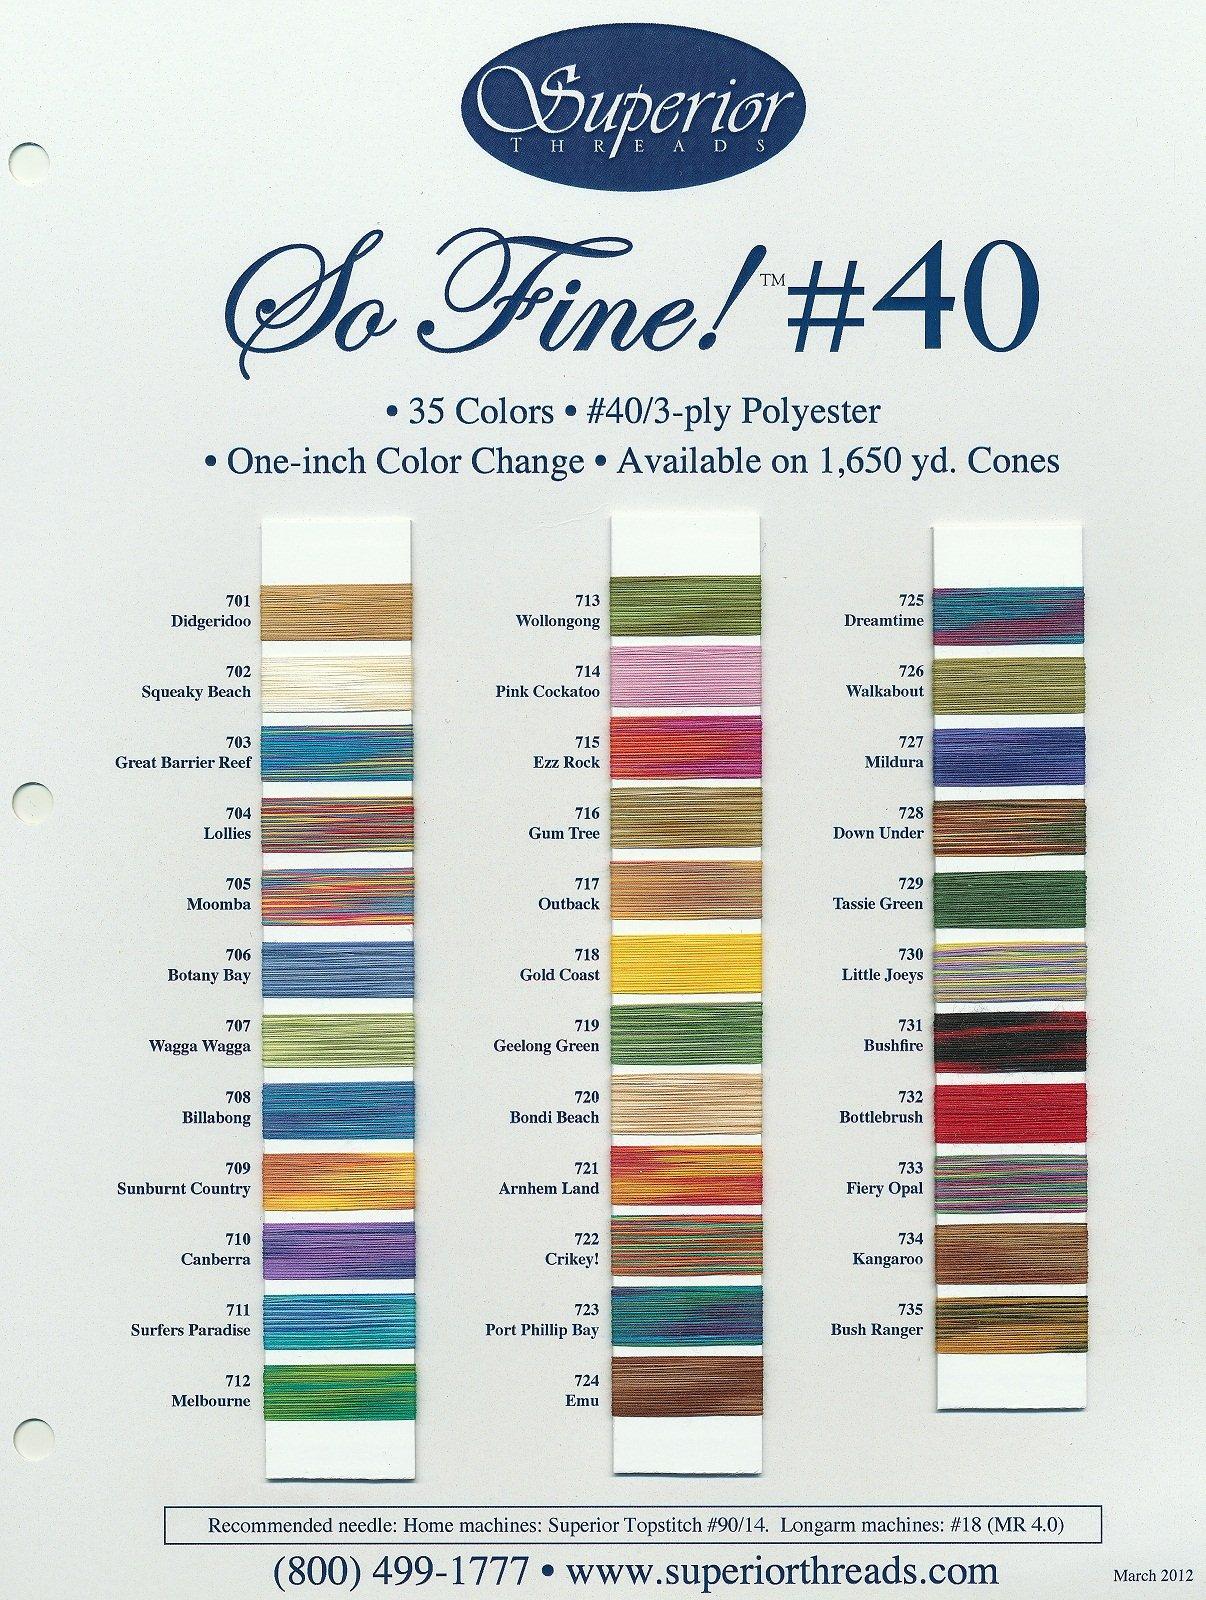 SO FINE #40 Color Card